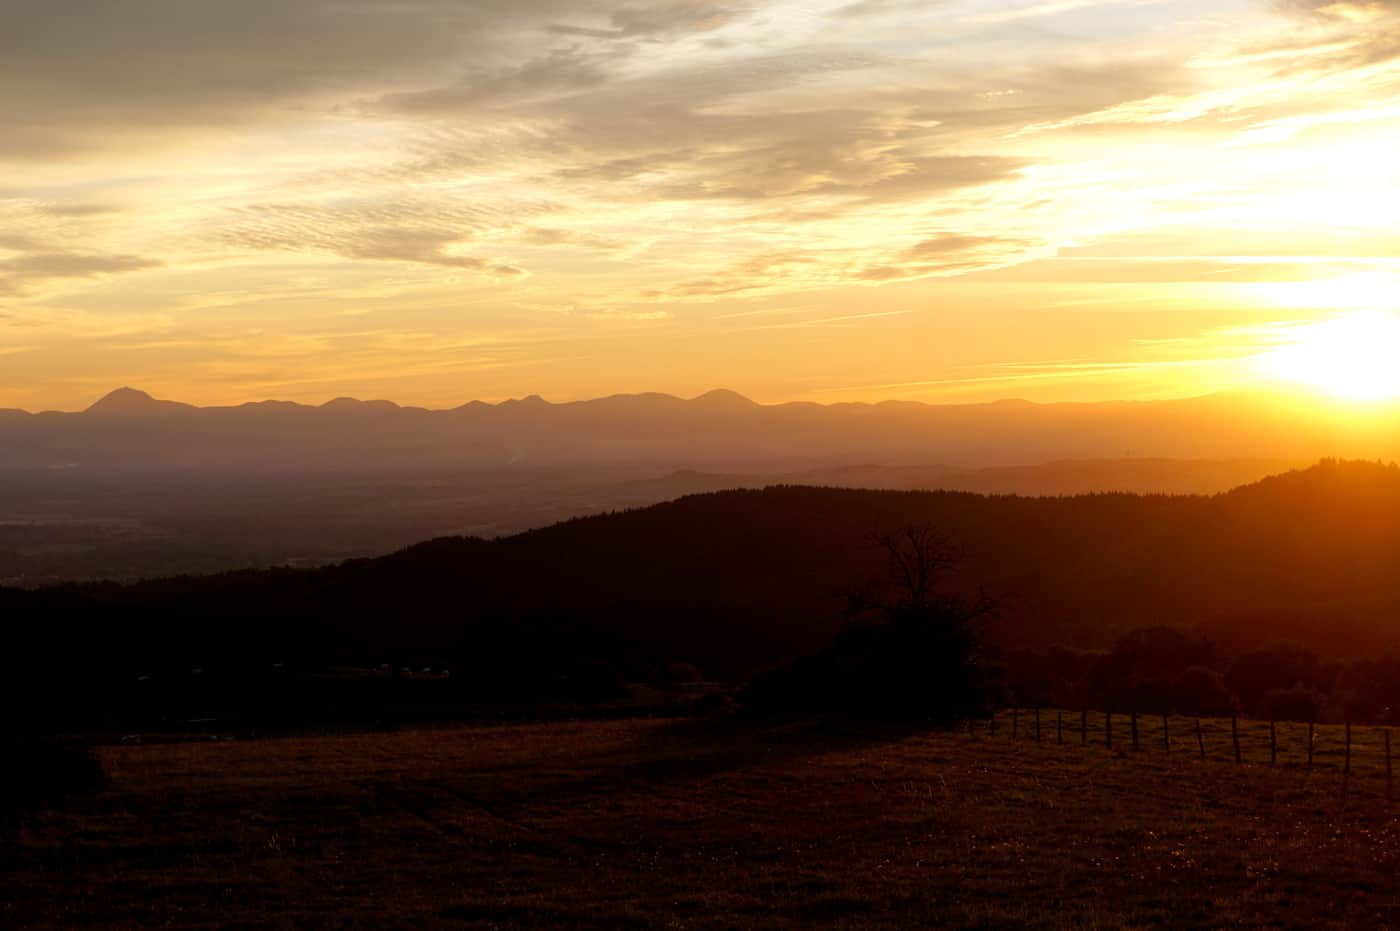 Et au loin les volcans d'Auvergne - Week-end d'automne en Auvergne